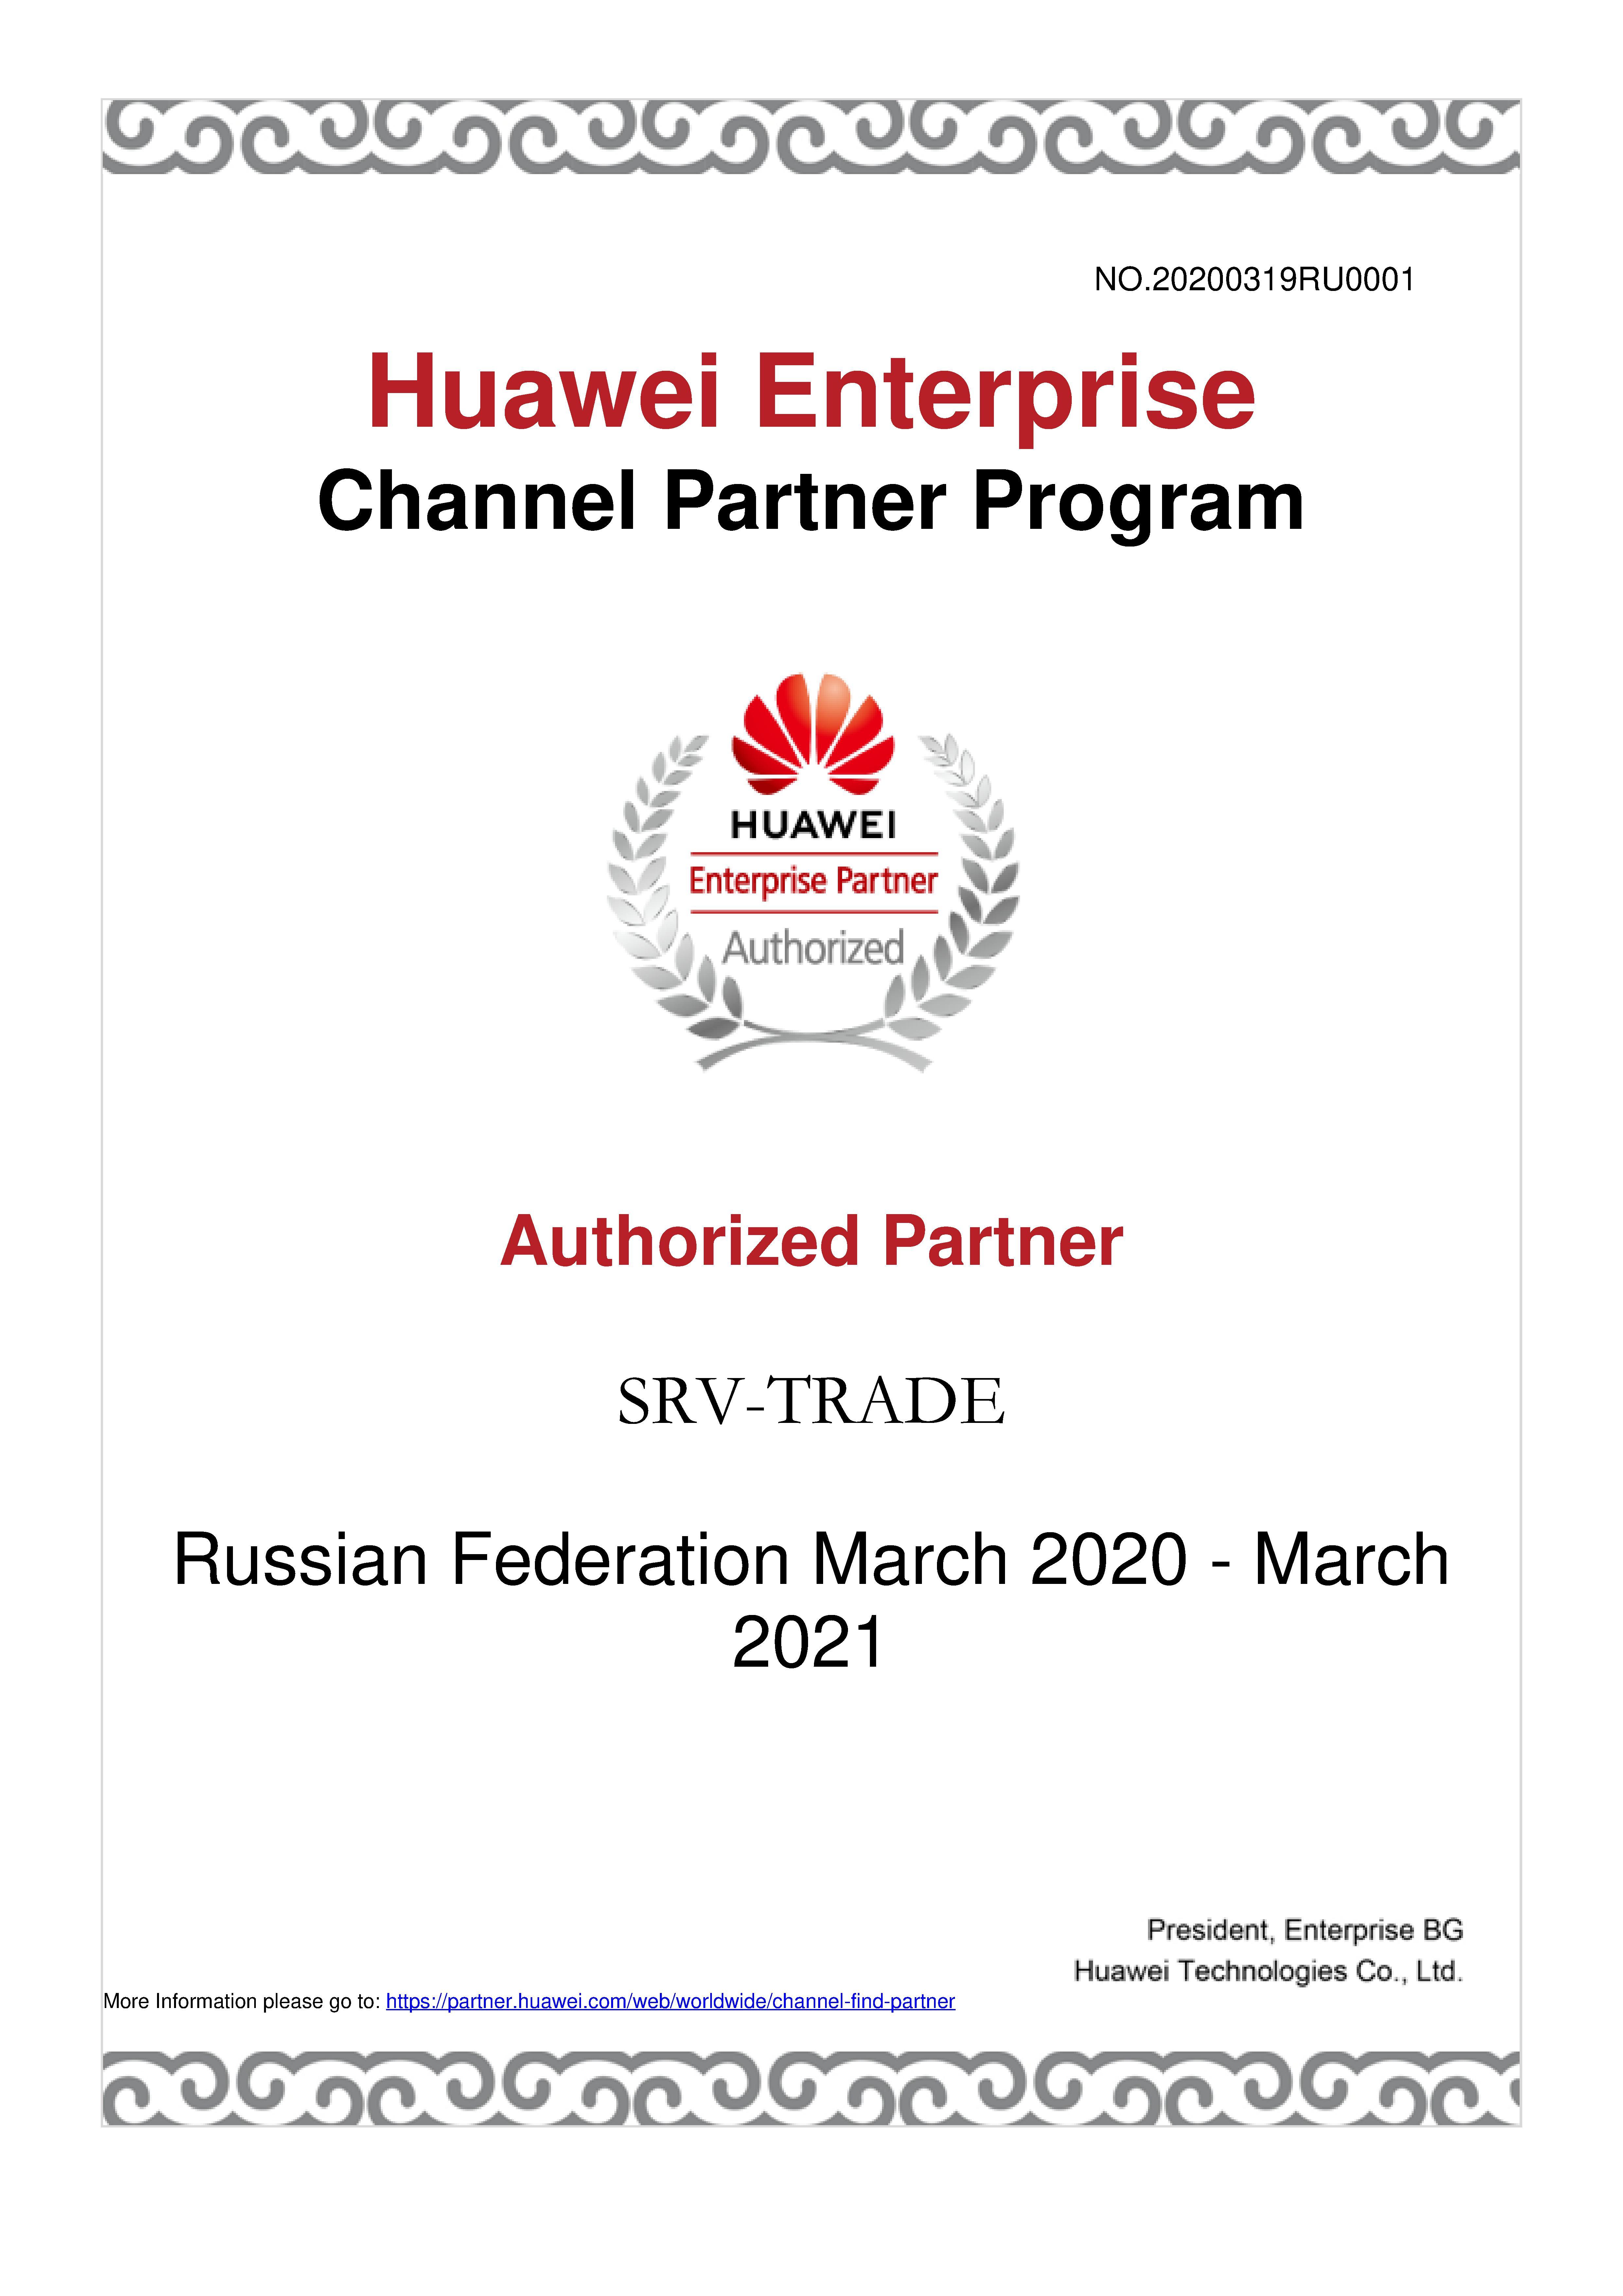 Сертификат партнера HUAWEI